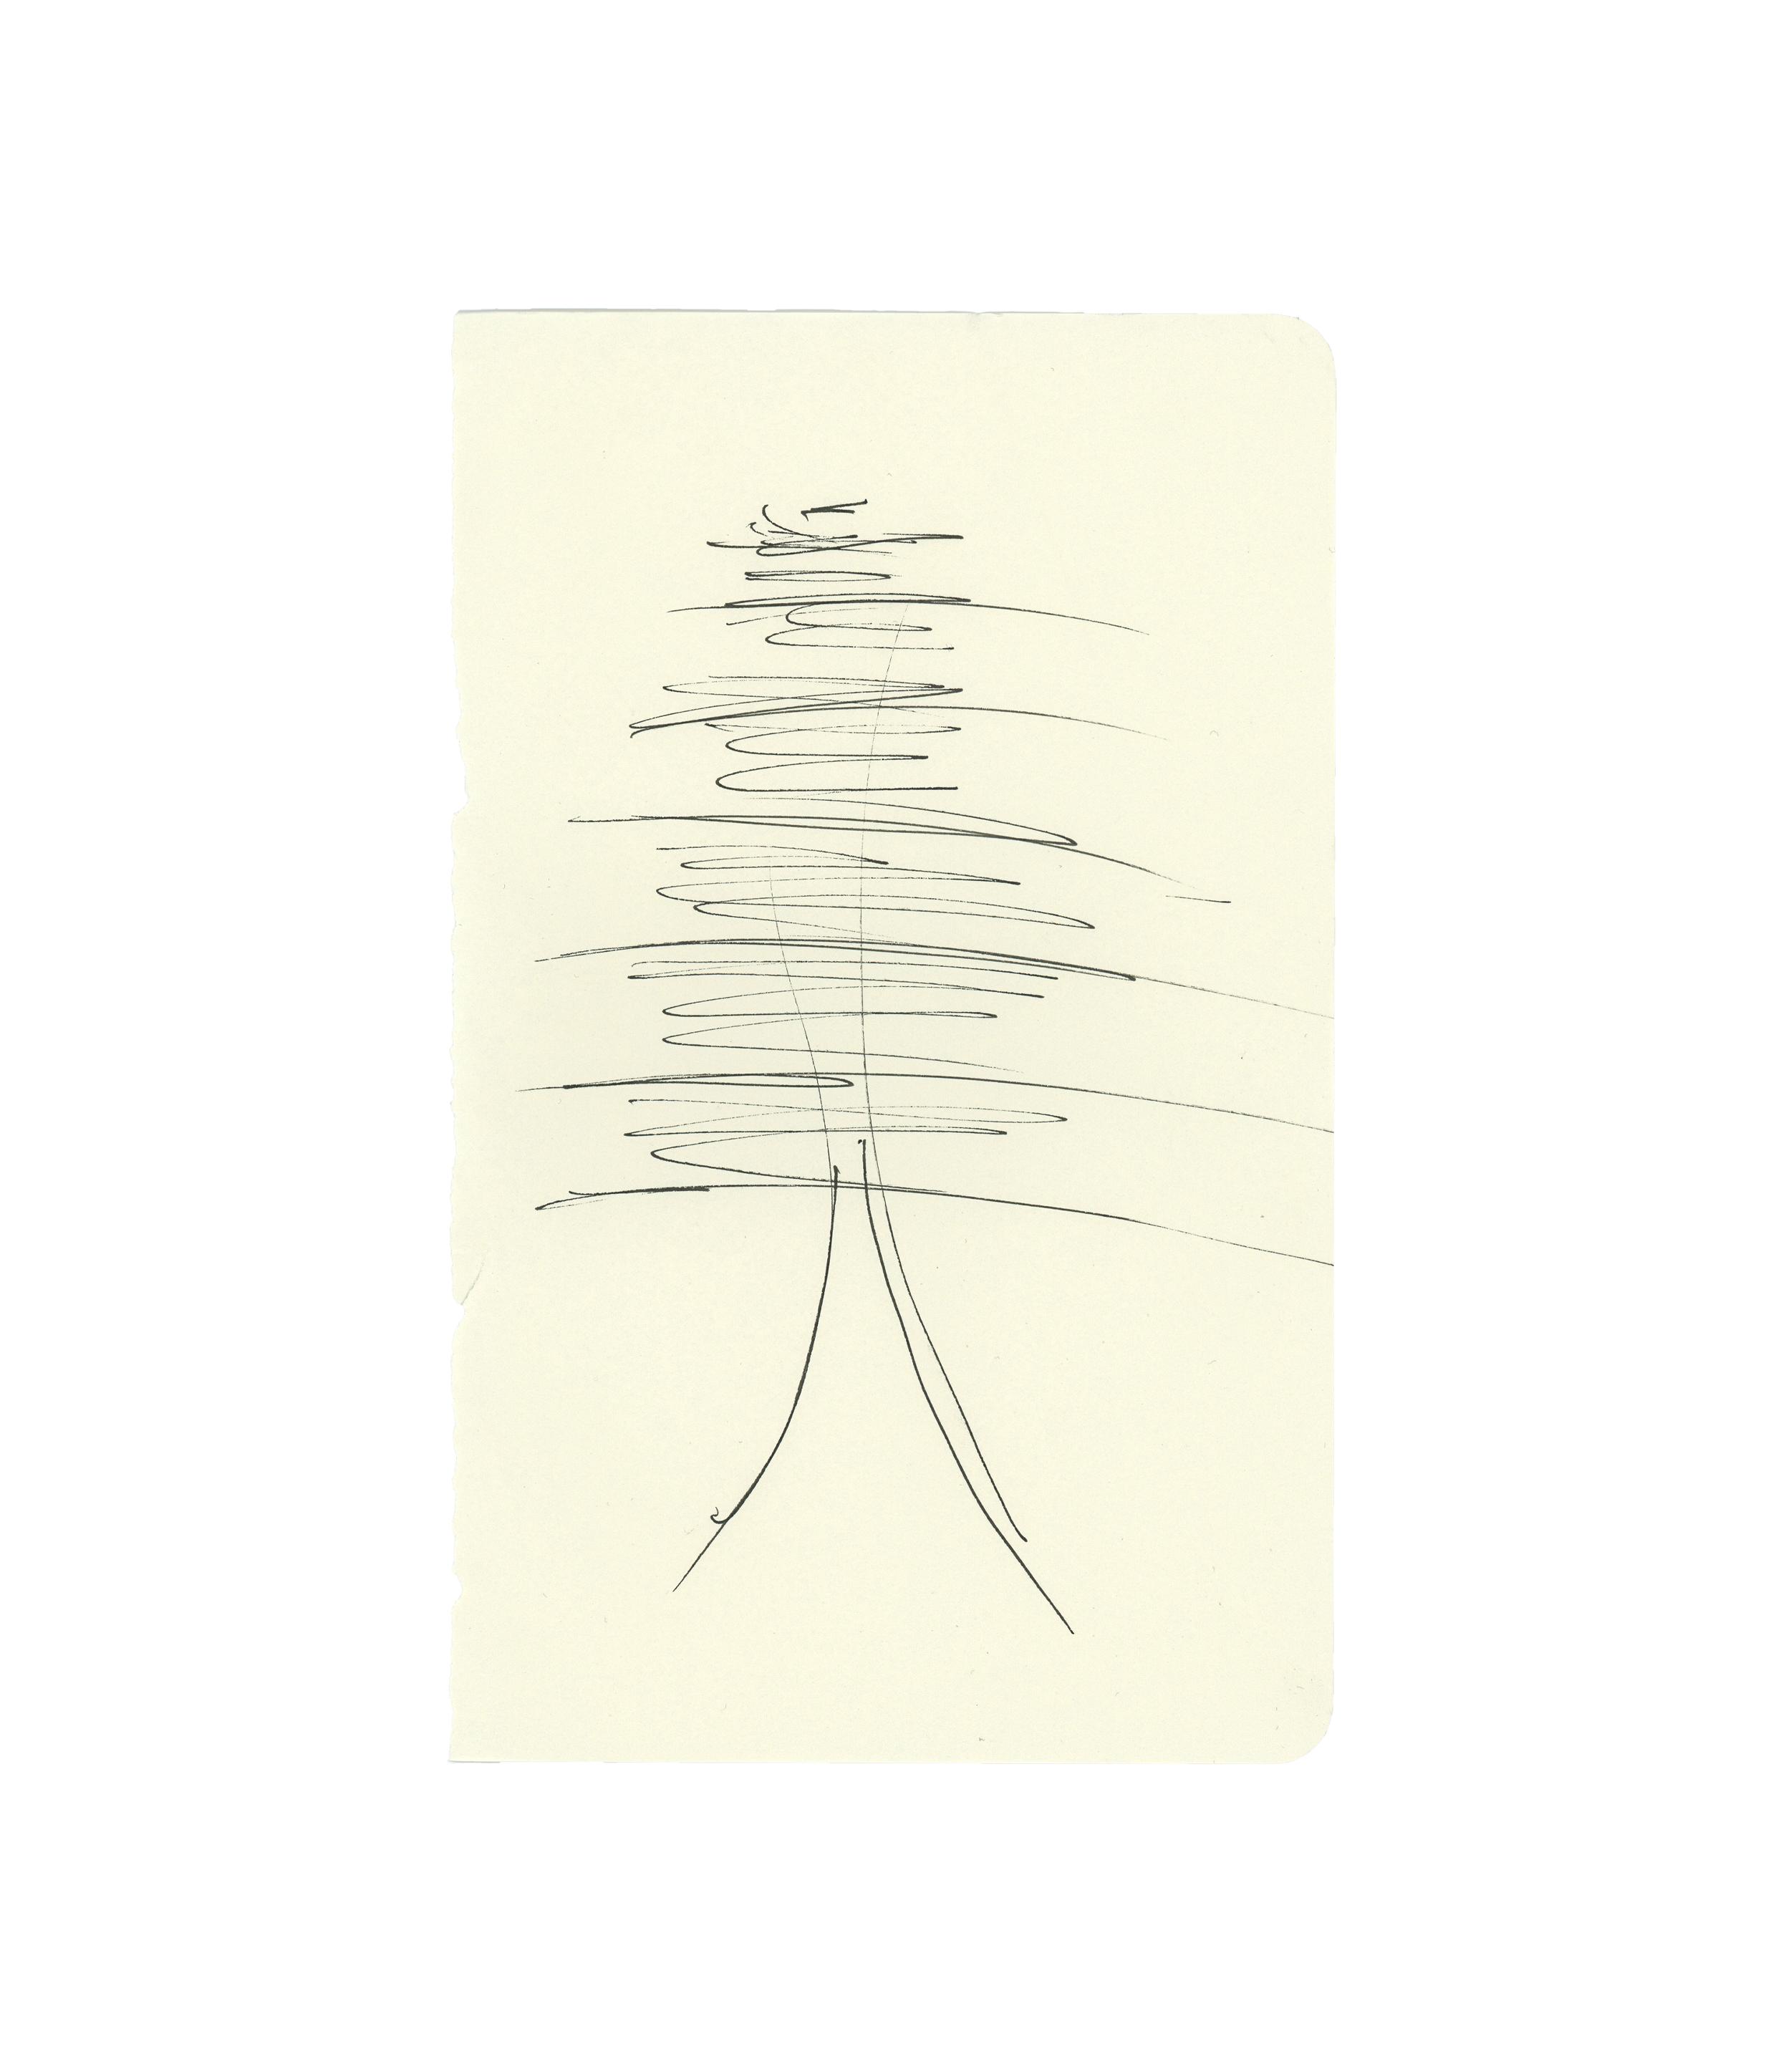 Pine drawing No. 2 - Allen